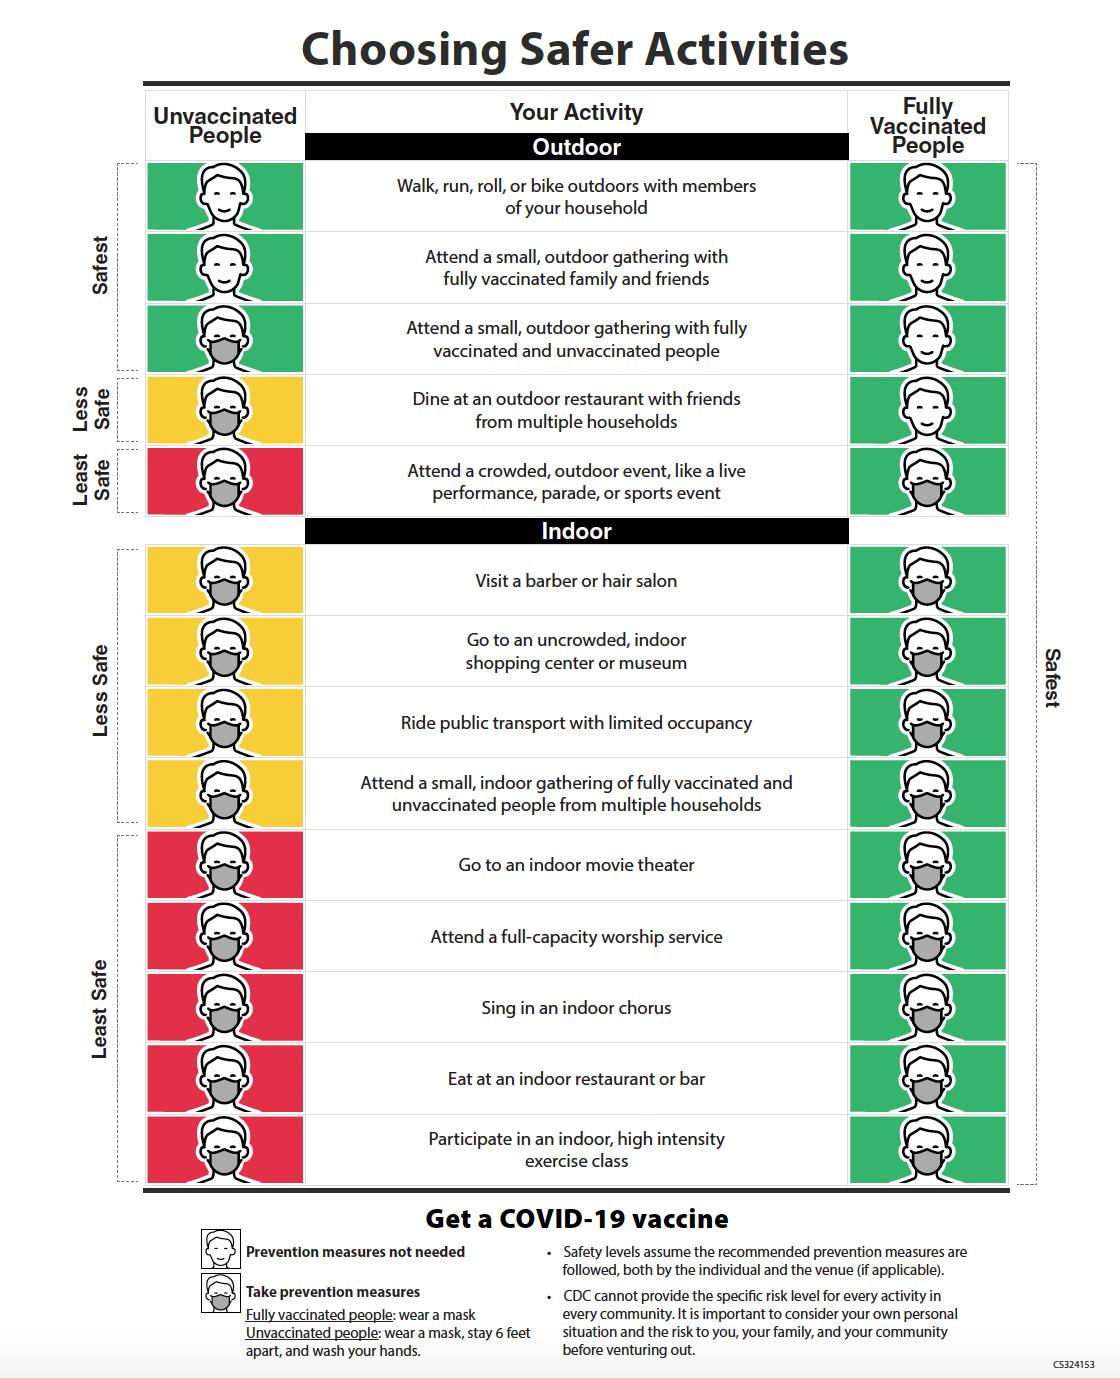 Tabla de actividades seguras para vacunados contra la covid